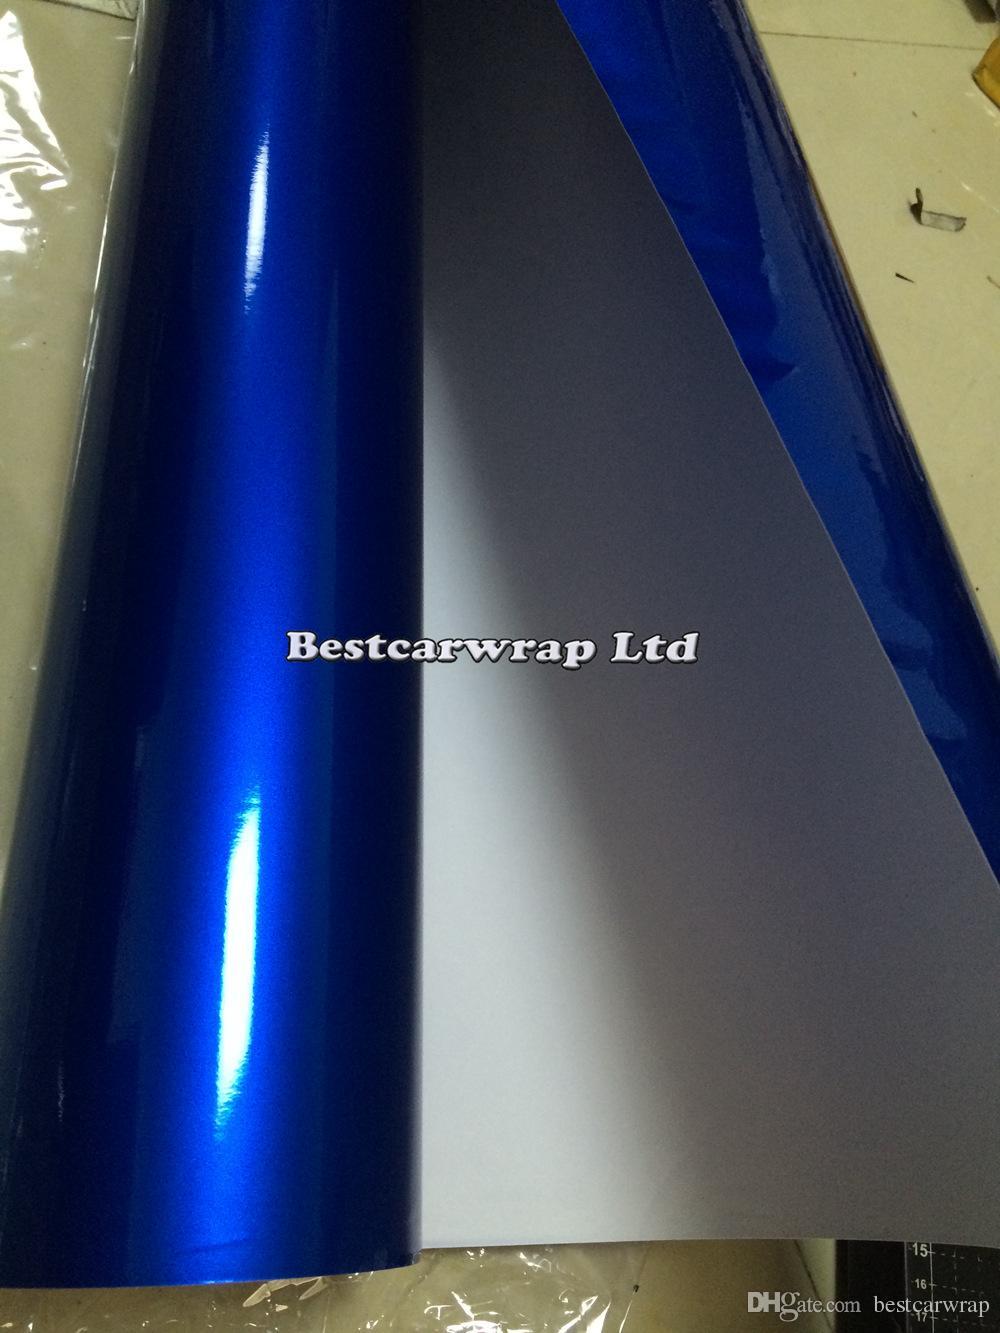 Glattes metallisches blaues Vinylverpackungs-Auto-Verpackungs-mit Luft-Blasen-freiem Glanz metallischem dunkelblauem Vollen Fahrzeugverpackung foile Größe: 1.52 * 20M / Rolle